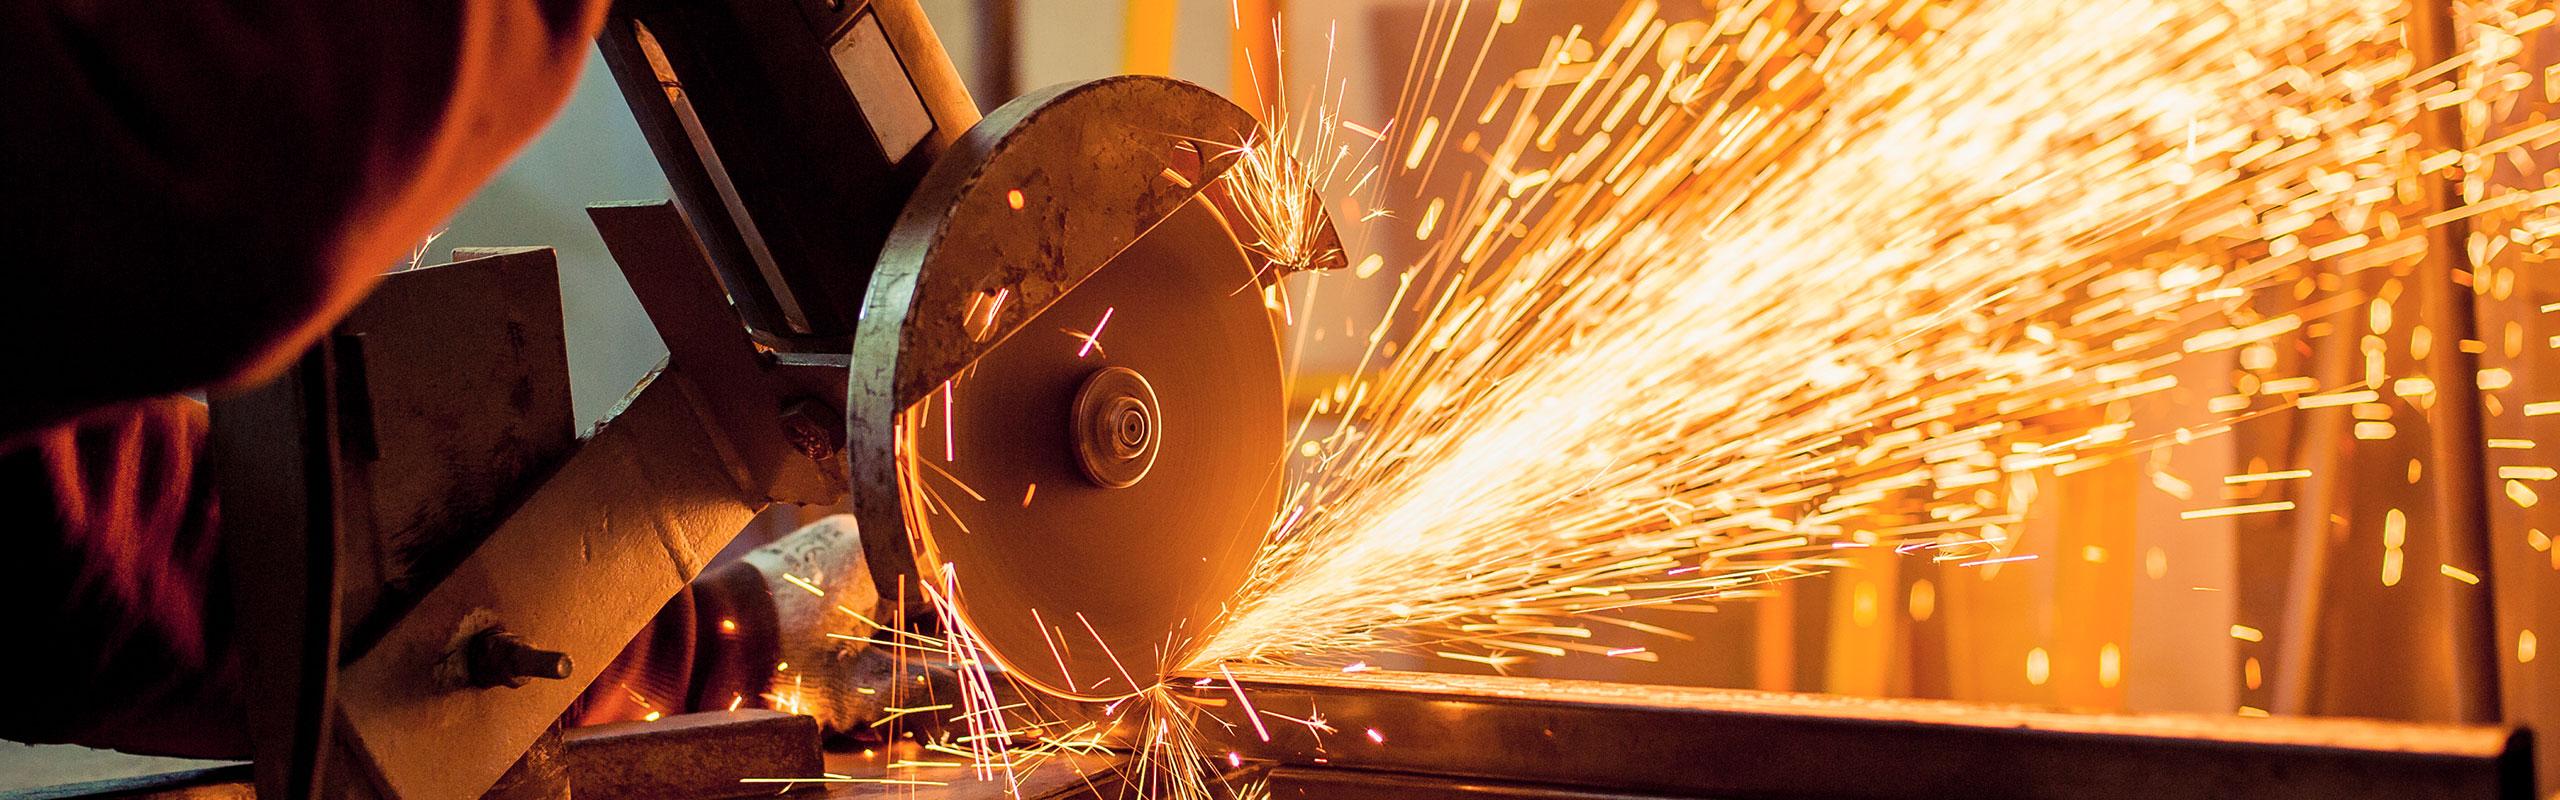 Stahlbau bei IK Kösters